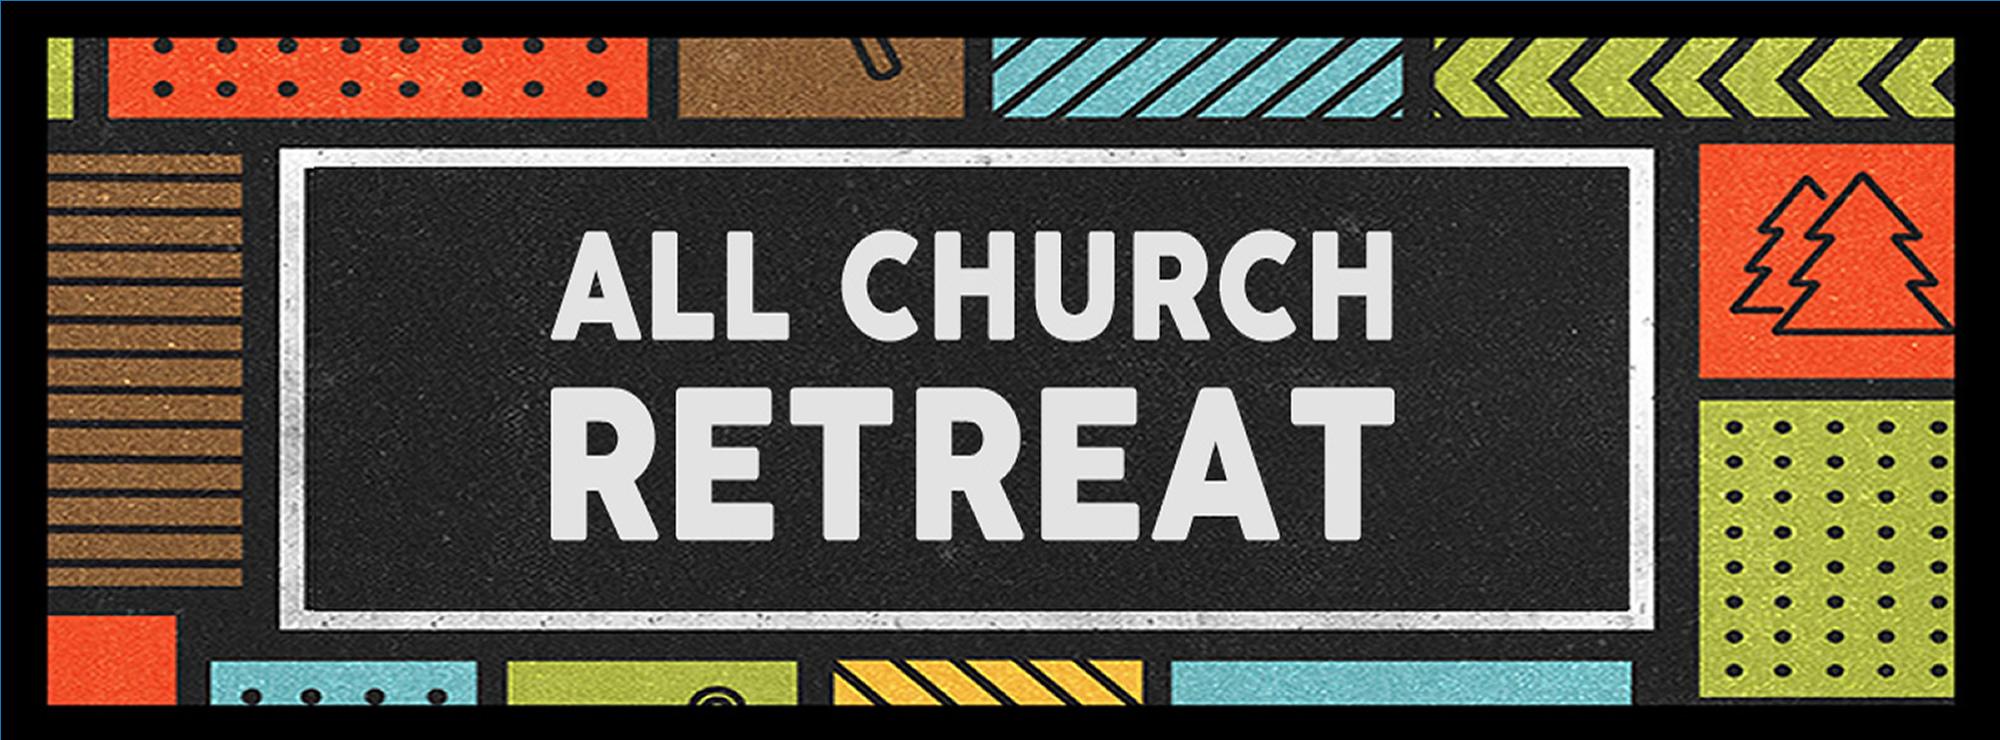 All church retreat 2017